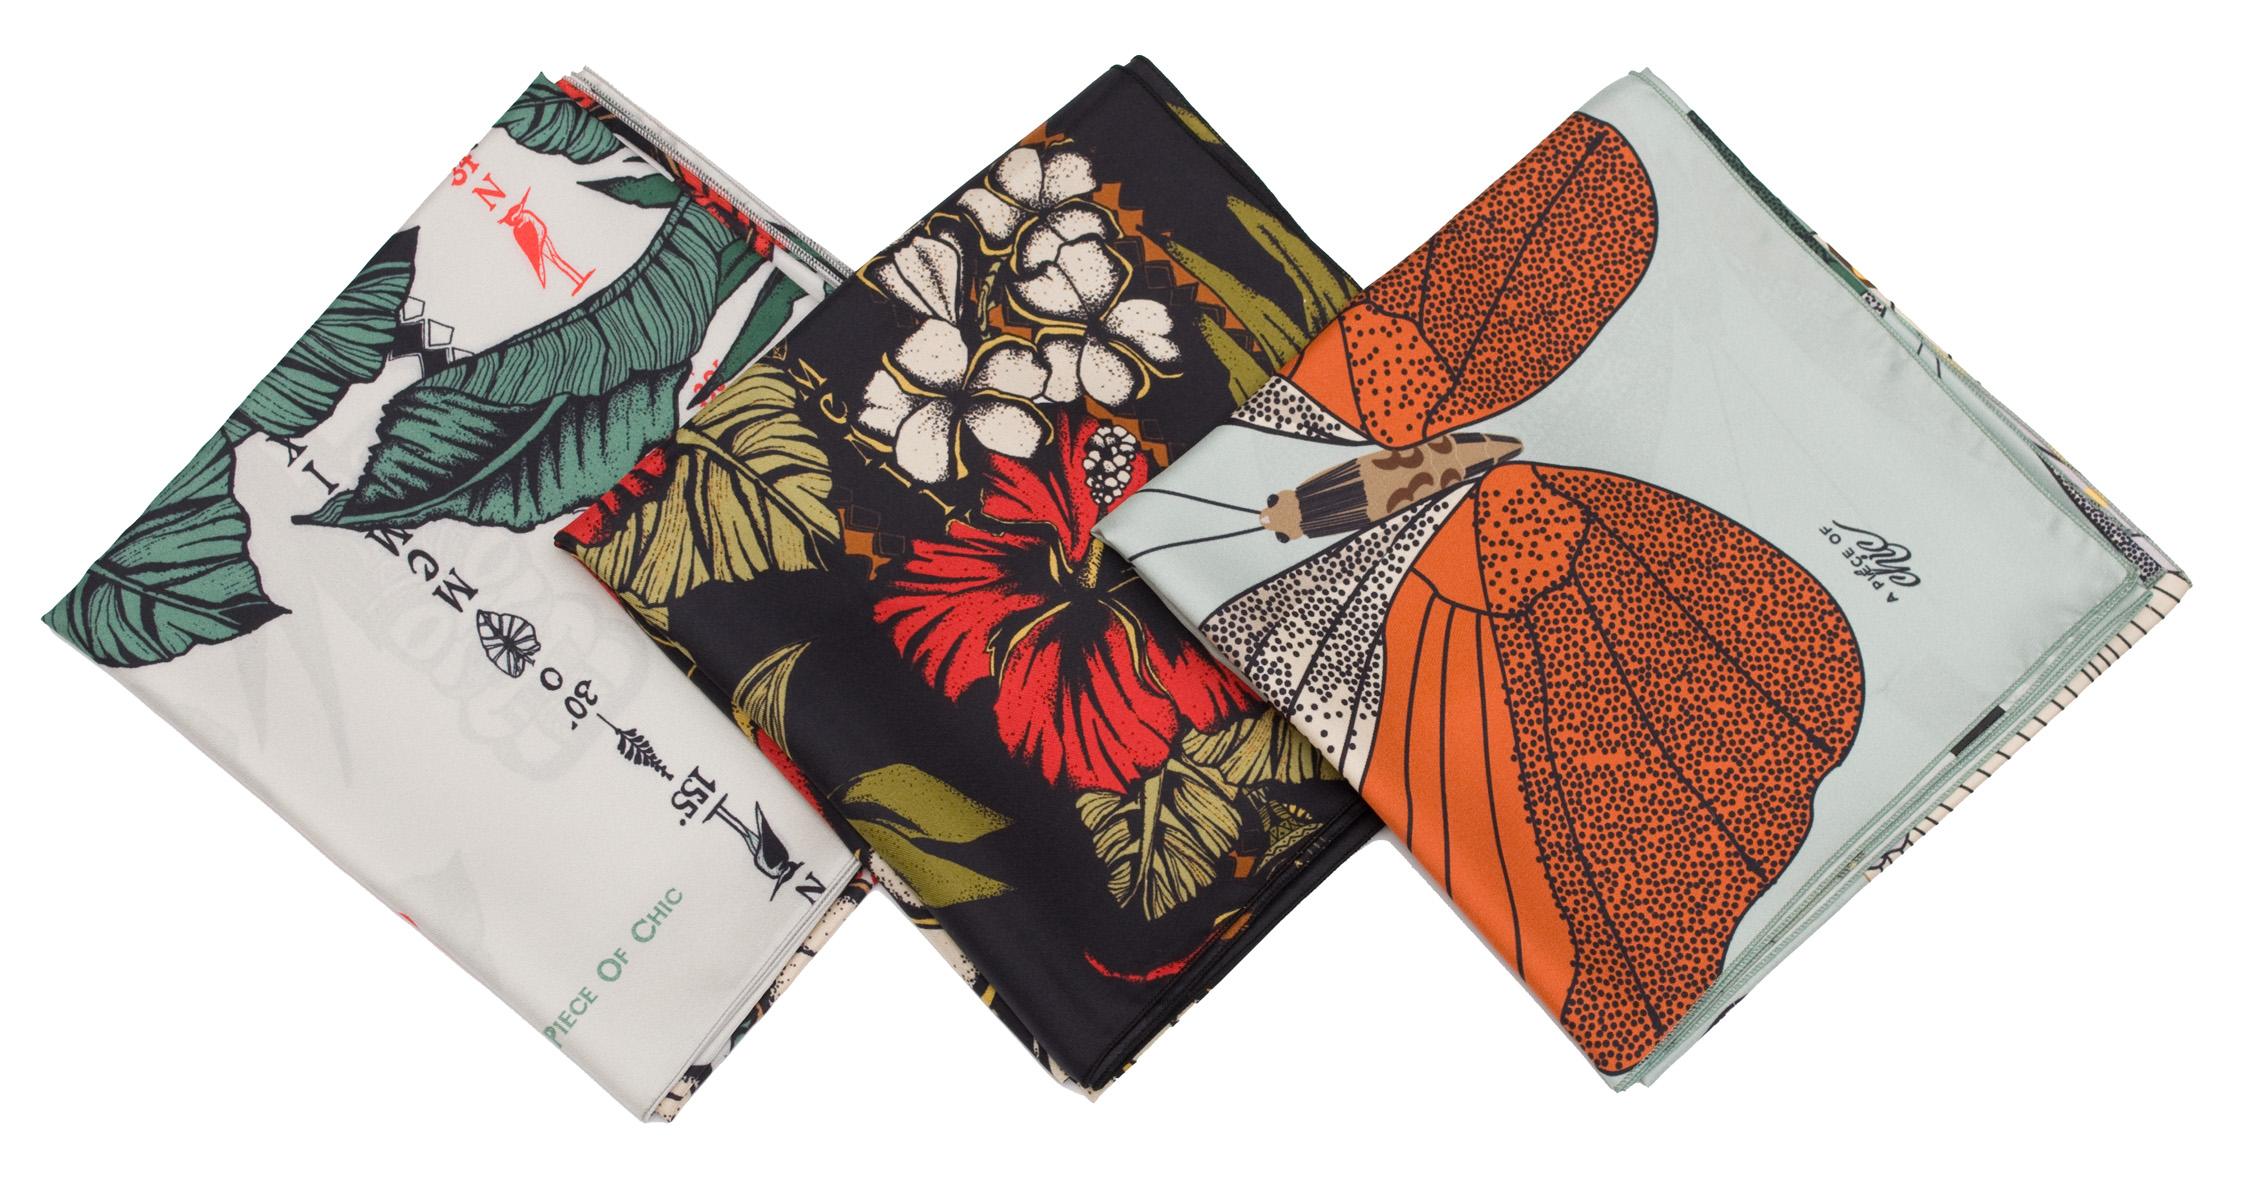 Nové luxusní hedvábné šátky francouzské značky A Piece of Chic ... 7dae000d7c